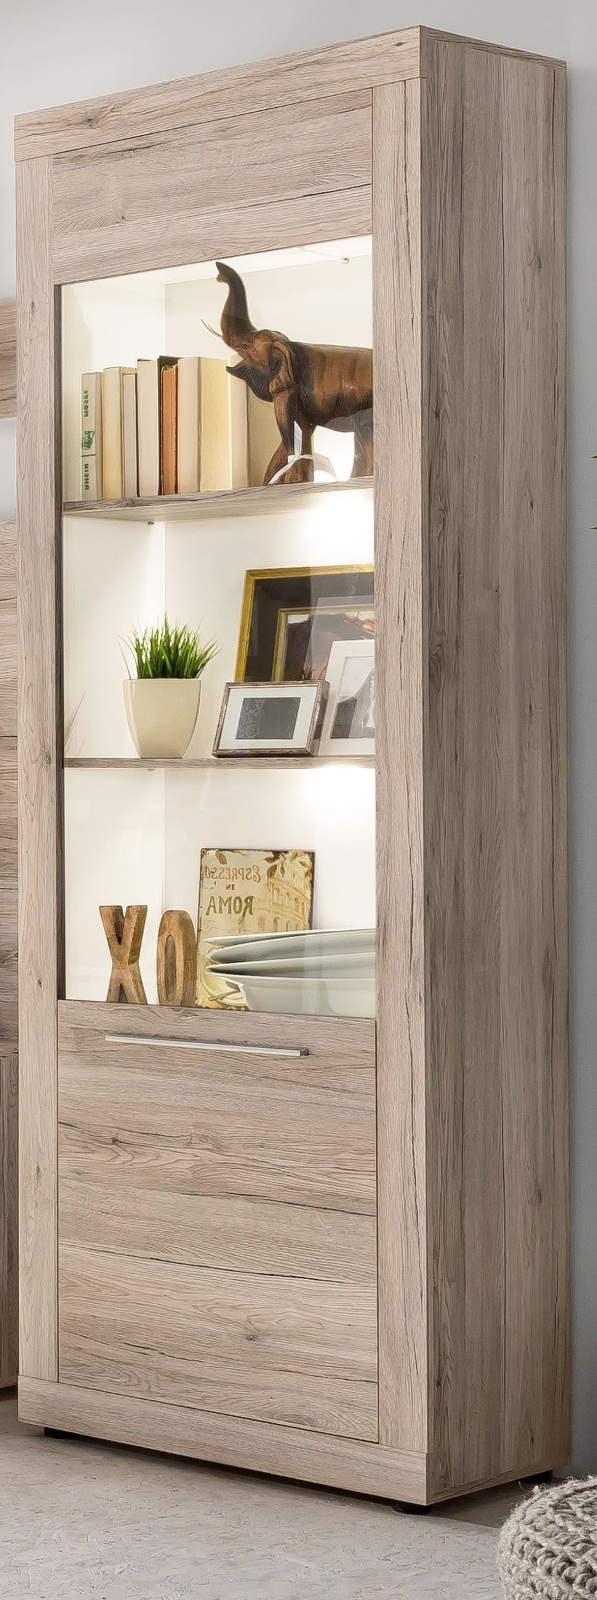 vitrinenschrank passat eiche sand g nstig kaufen. Black Bedroom Furniture Sets. Home Design Ideas